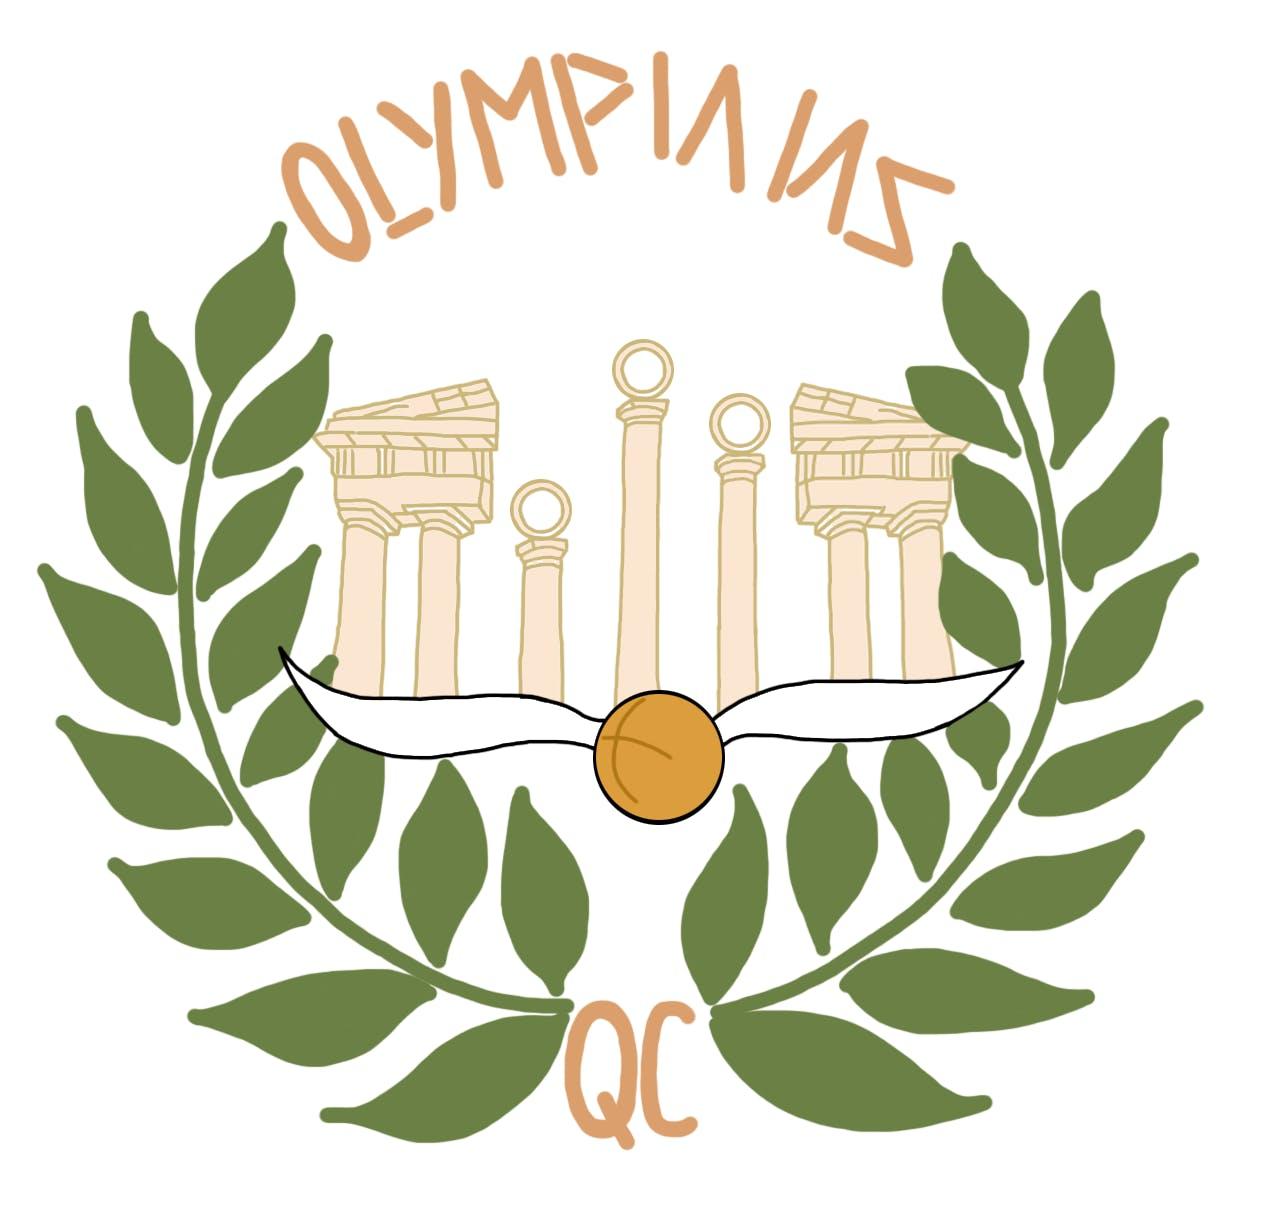 Olympians Quidditch Club logo